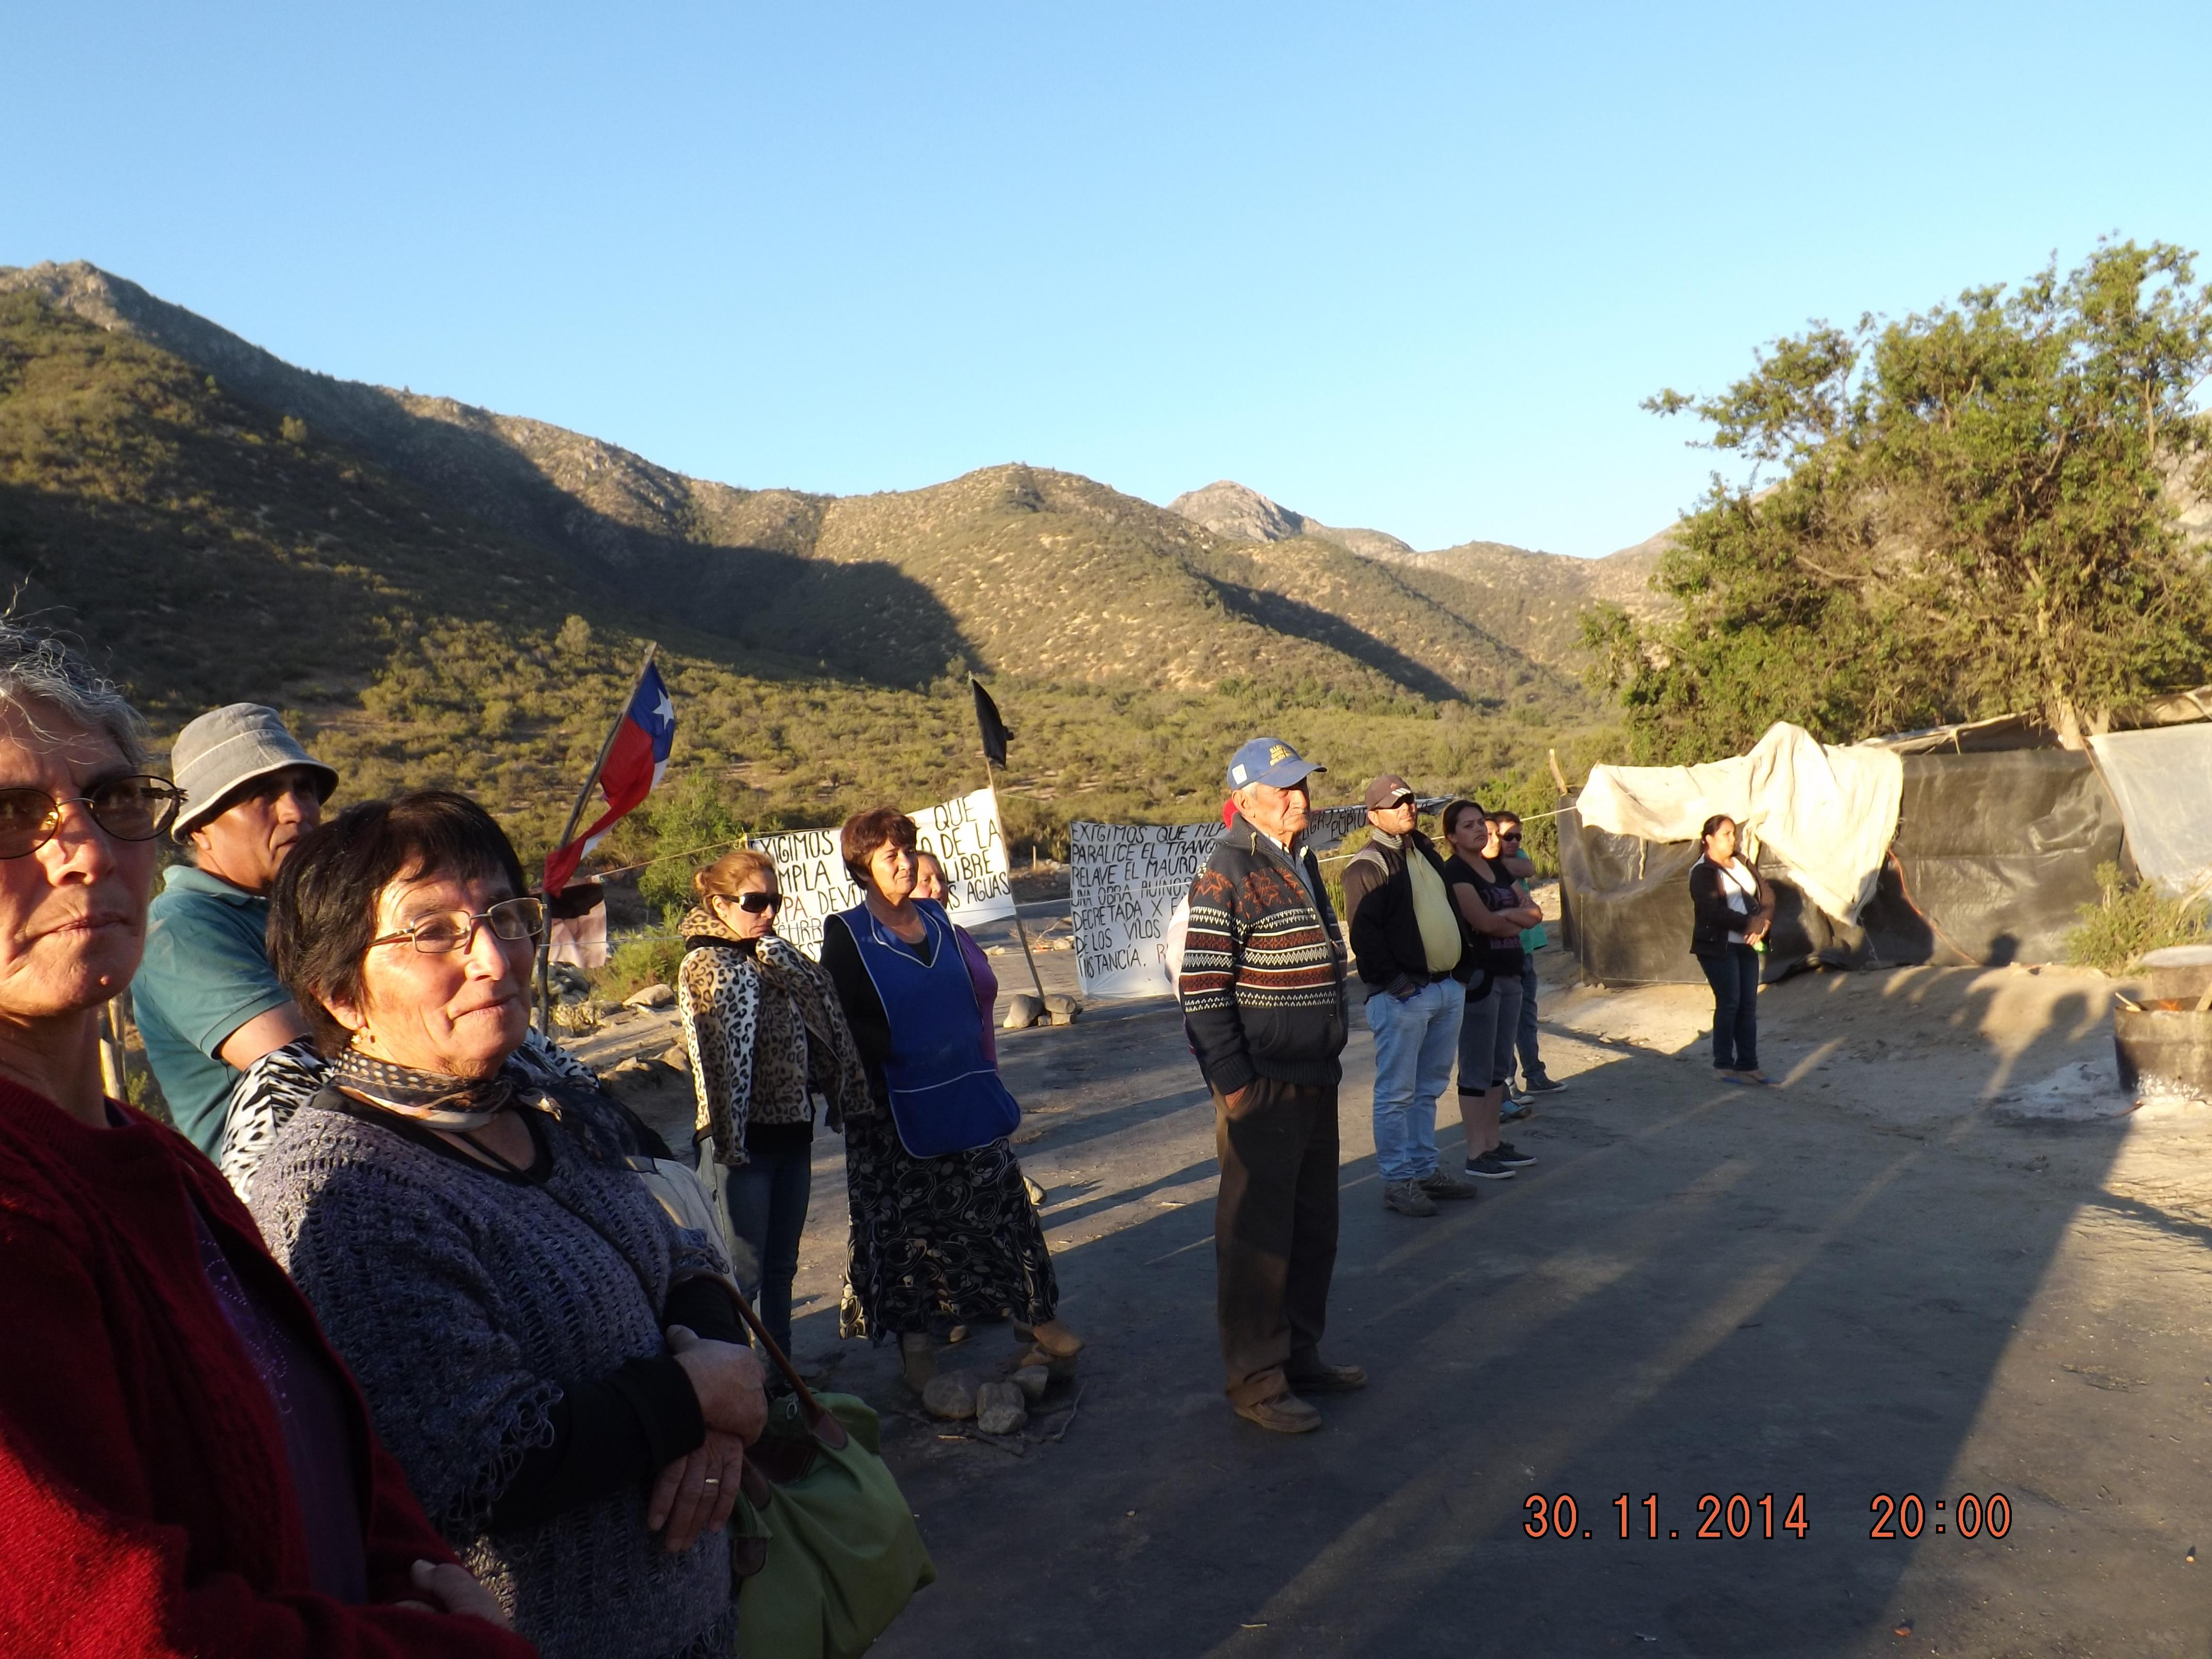 Community rises against Antofagasta in Chile